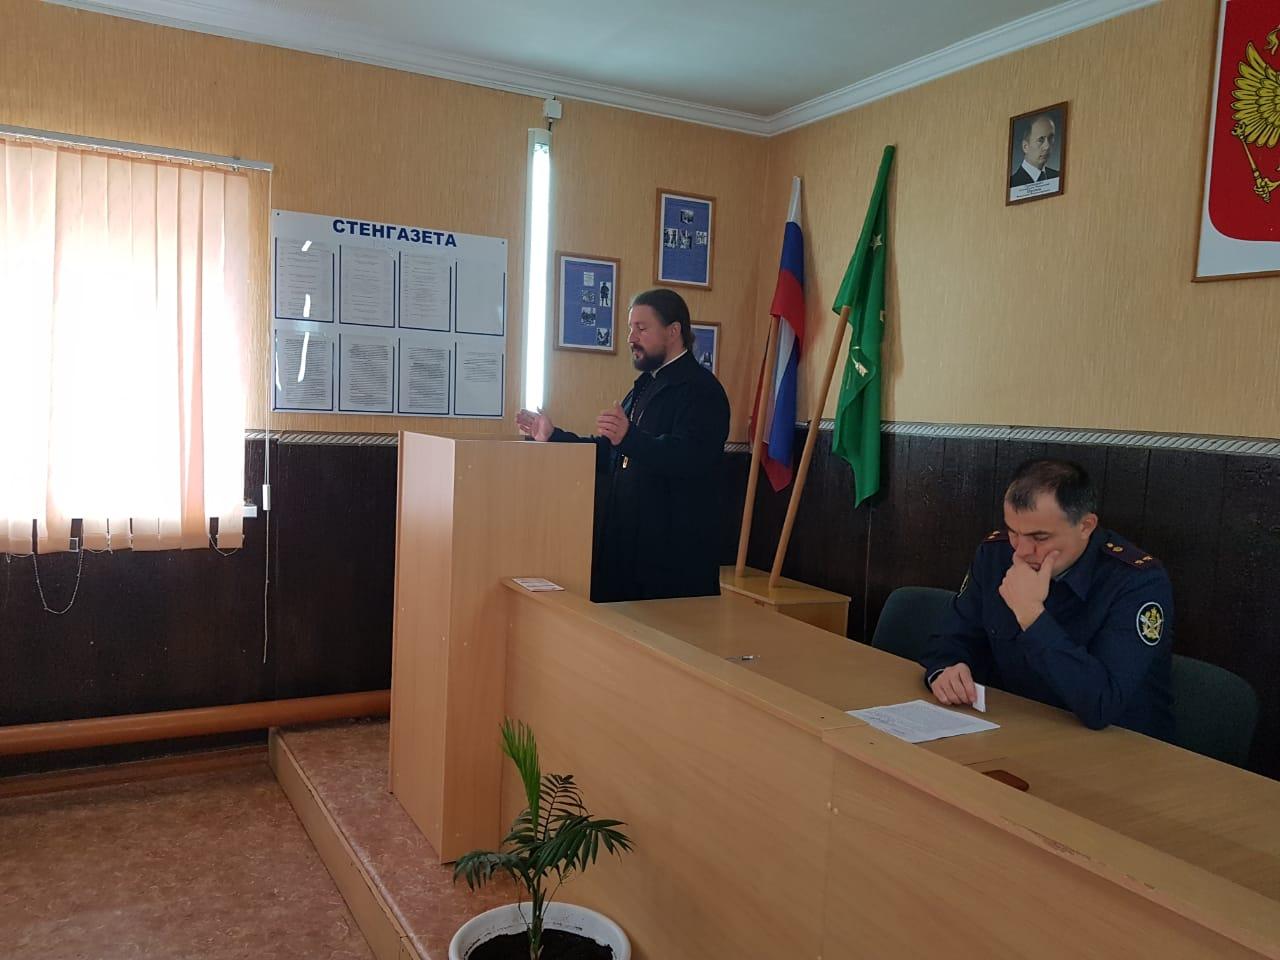 Сотрудникам КП-6 УФСИН России по Республике Адыгея рассказали о грехах мздоимства